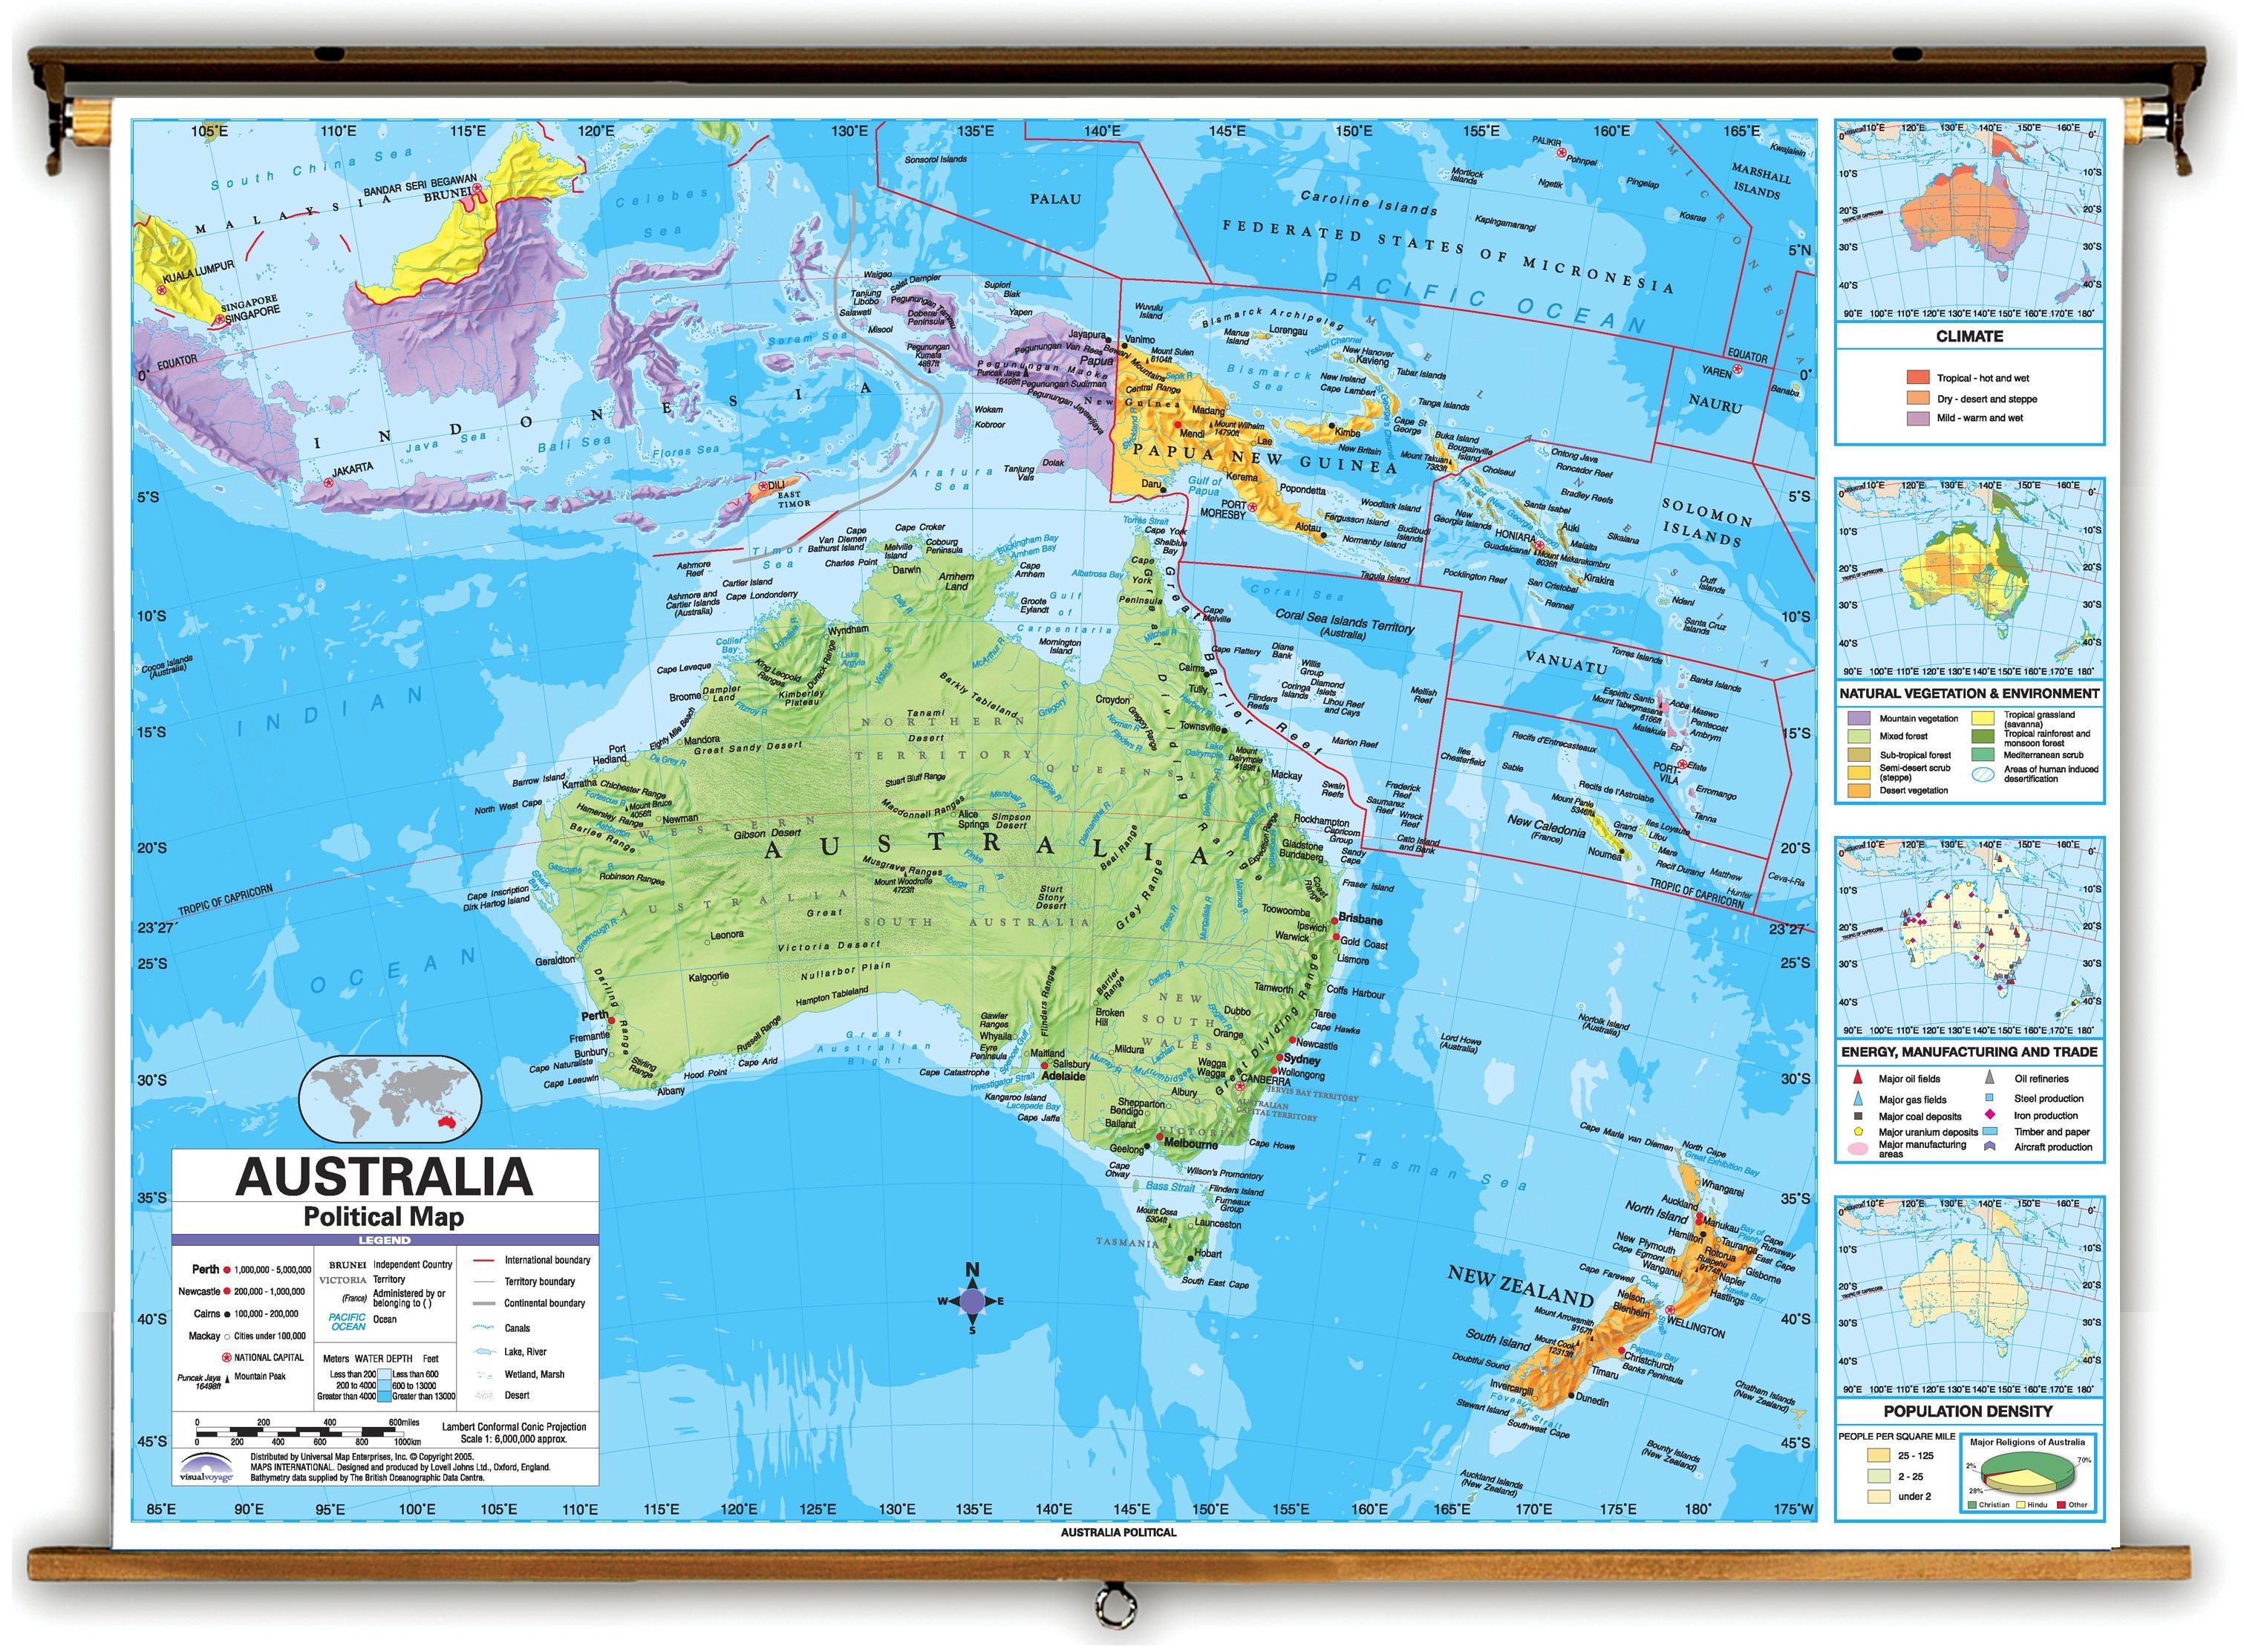 Australien Karta Lander.Karta Over Australien Och Omgivande Lander Australien Och